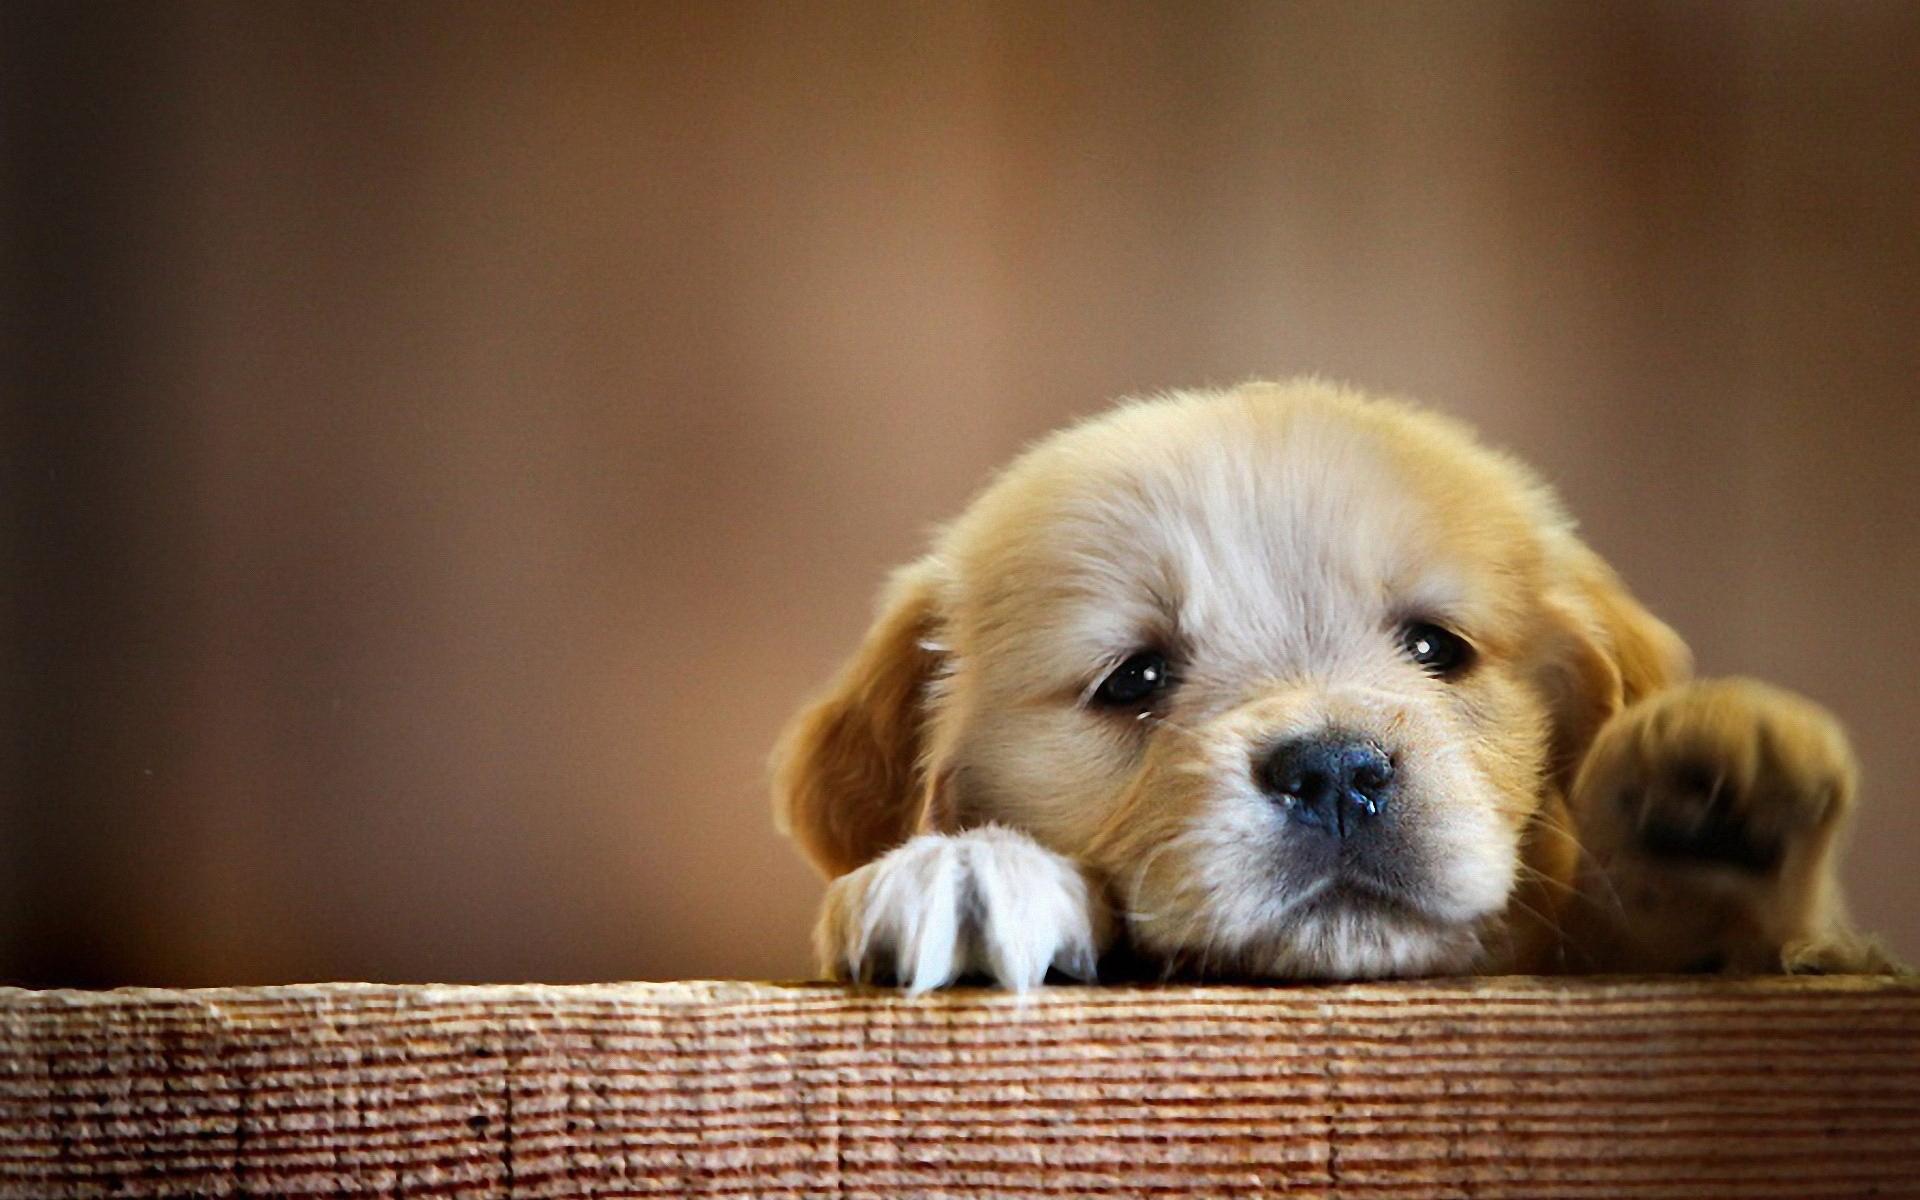 узкой грустная картинка щенка областной краеведческий